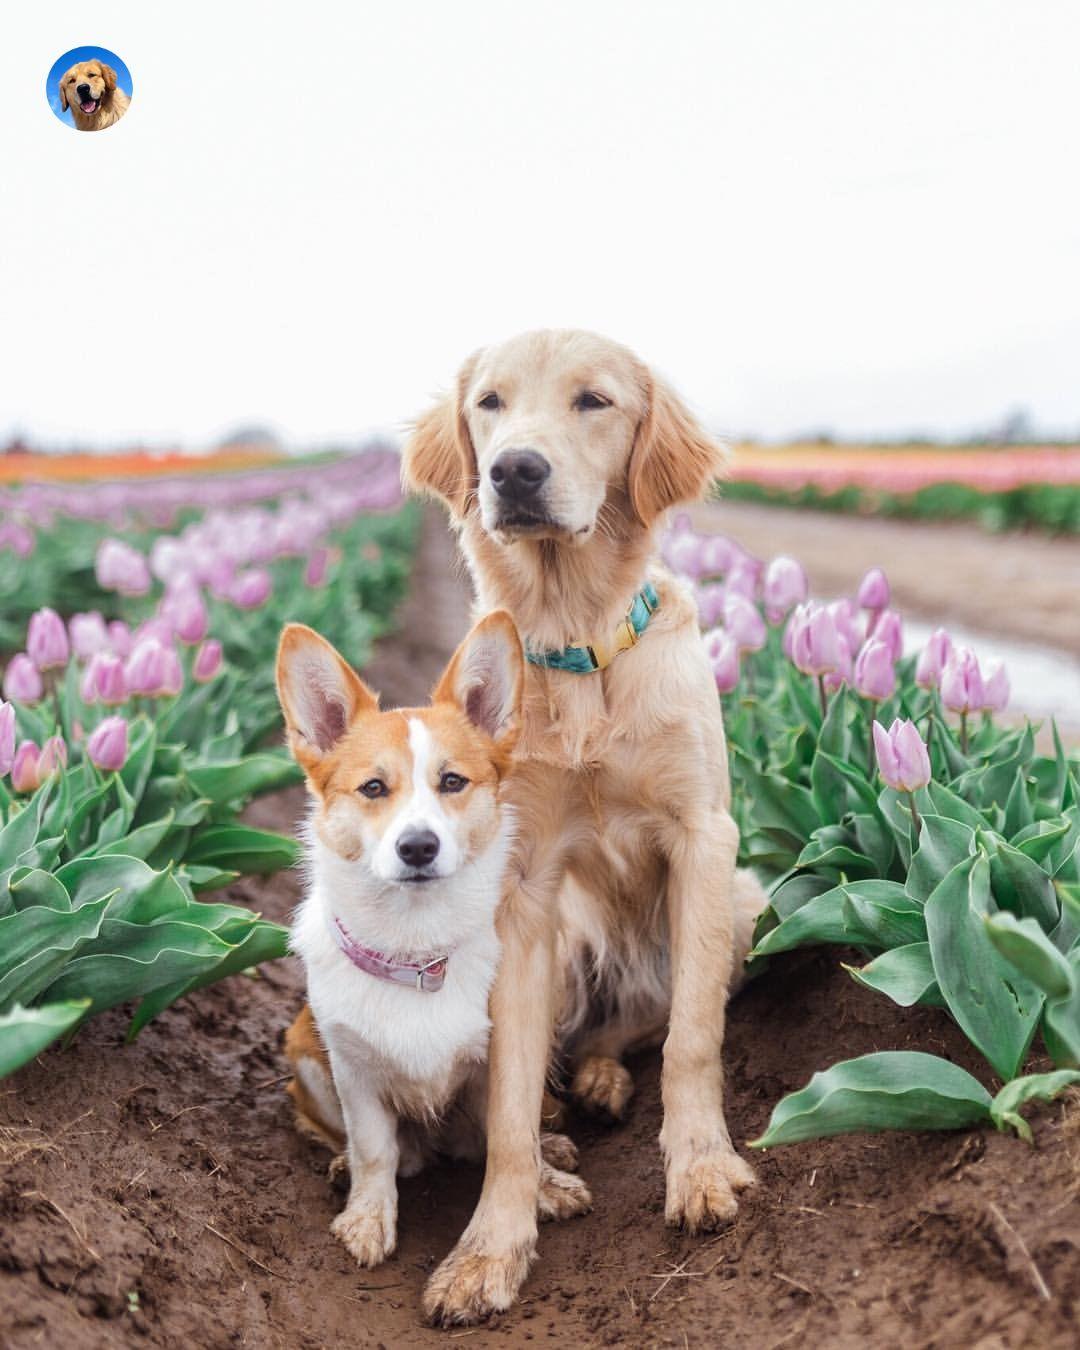 Golden Retriever And Welsh Corgi Cute Dogs Photography Golden